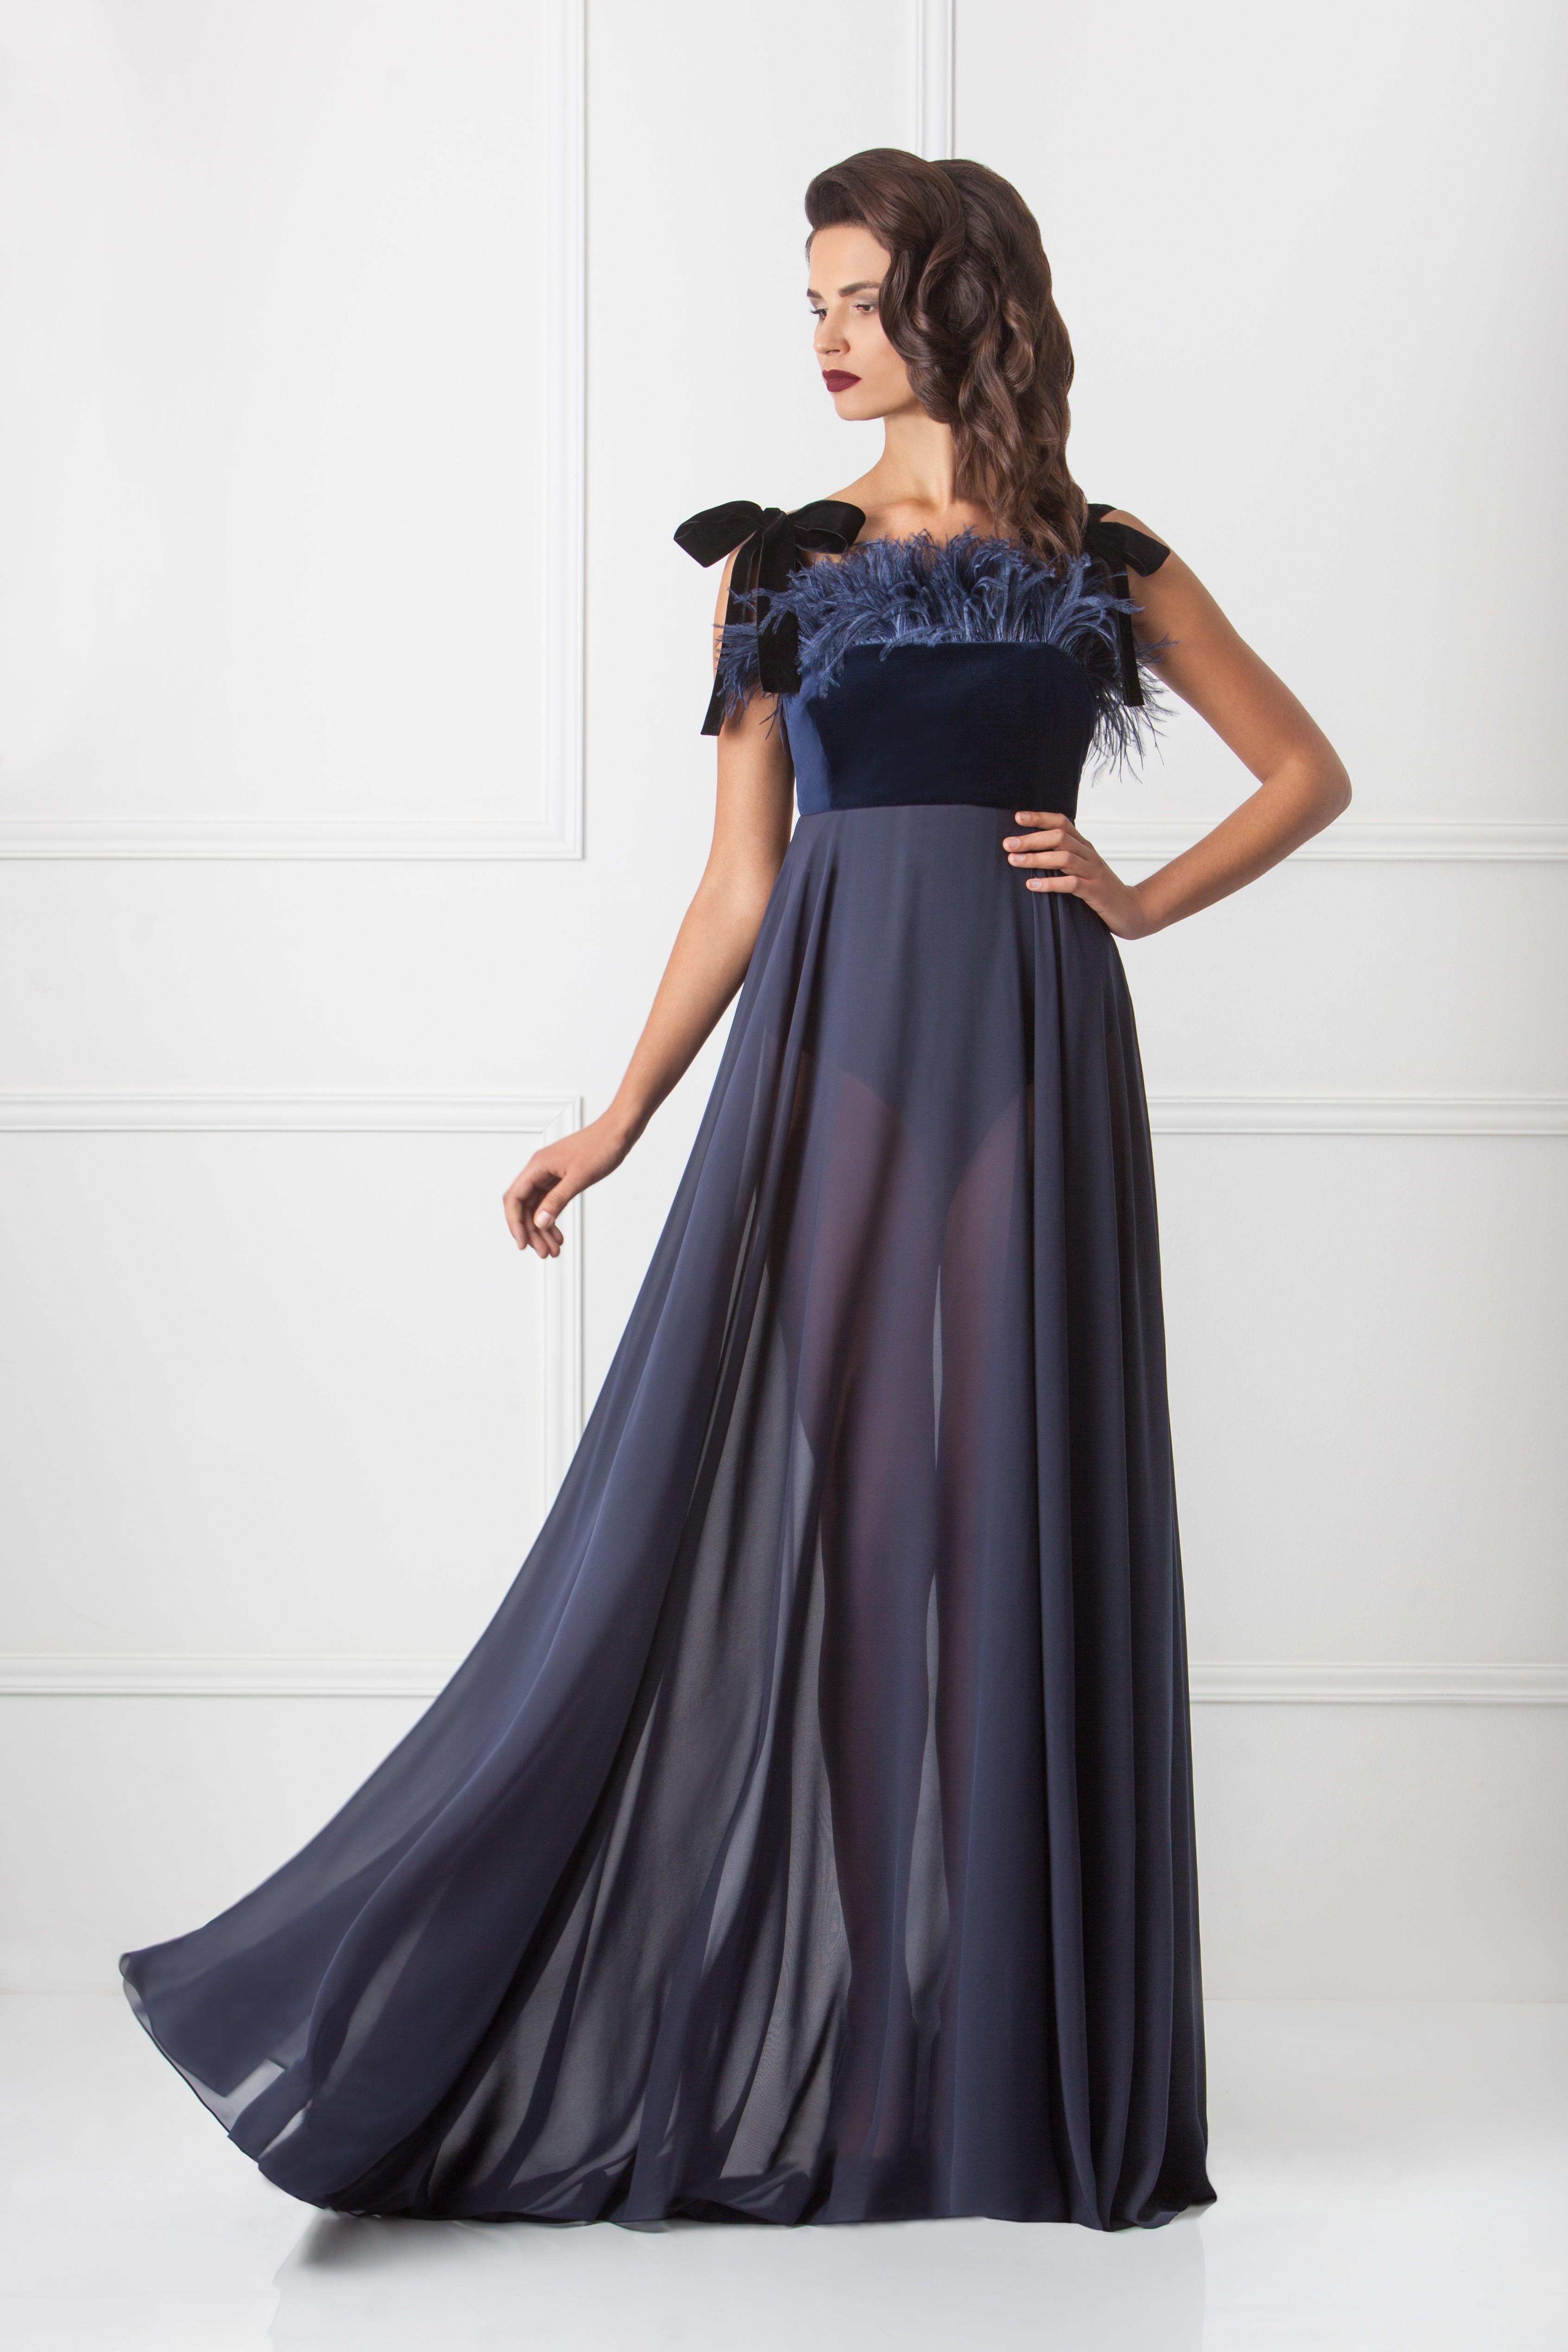 Где искать будуарную одежду со страусиными перьями и перьями марабу. Будуарное платье Chic от Amoralle